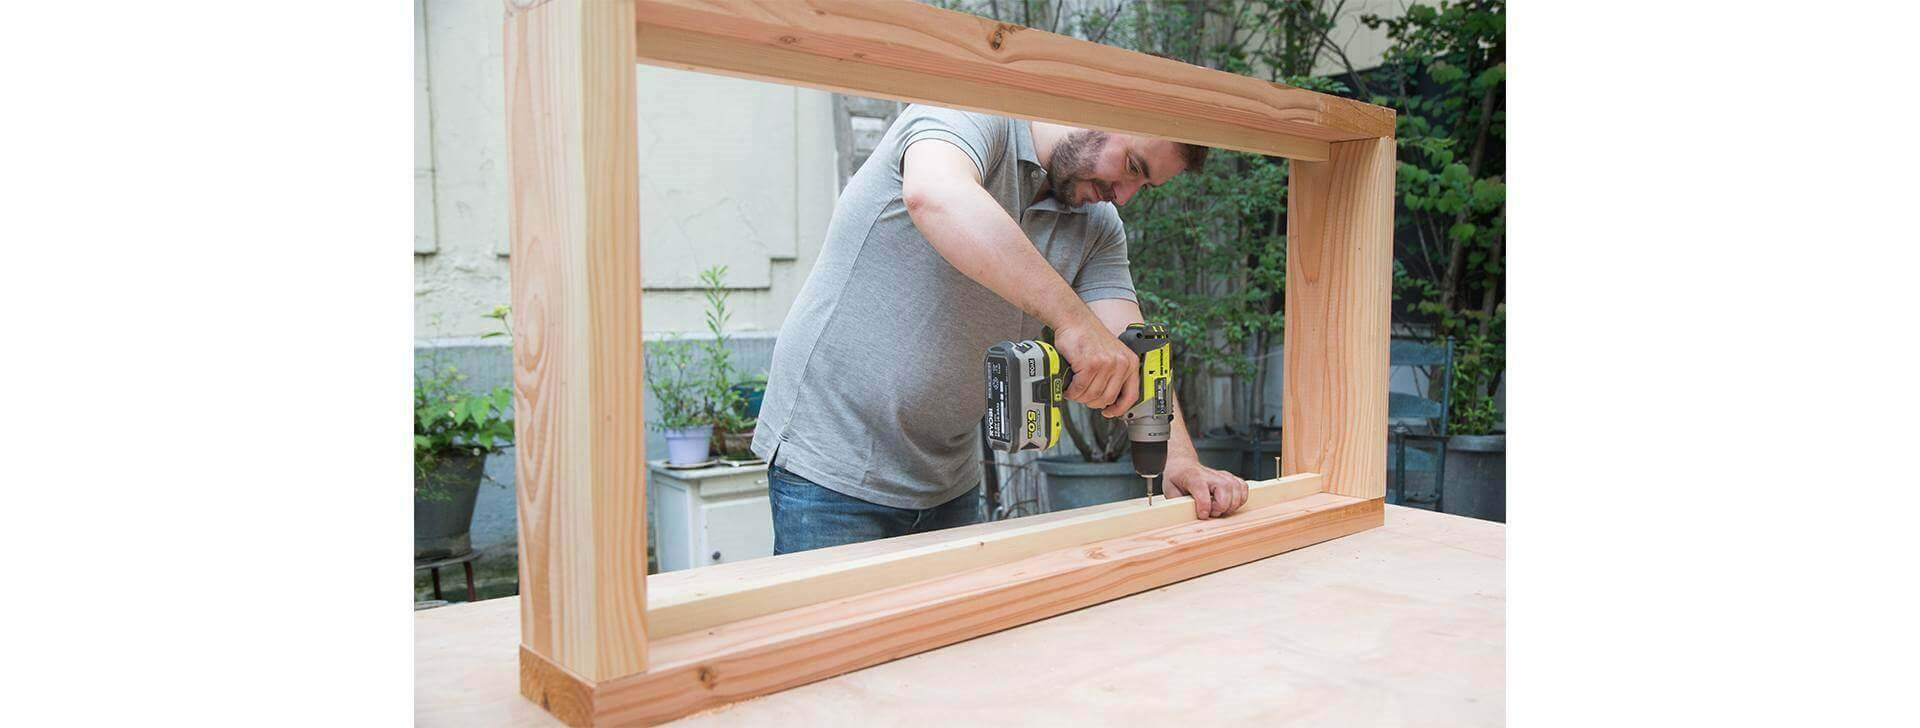 Comment Fixer Des Tasseaux tutoriel vidéo pour fabriquer un canapé, salon de jardin